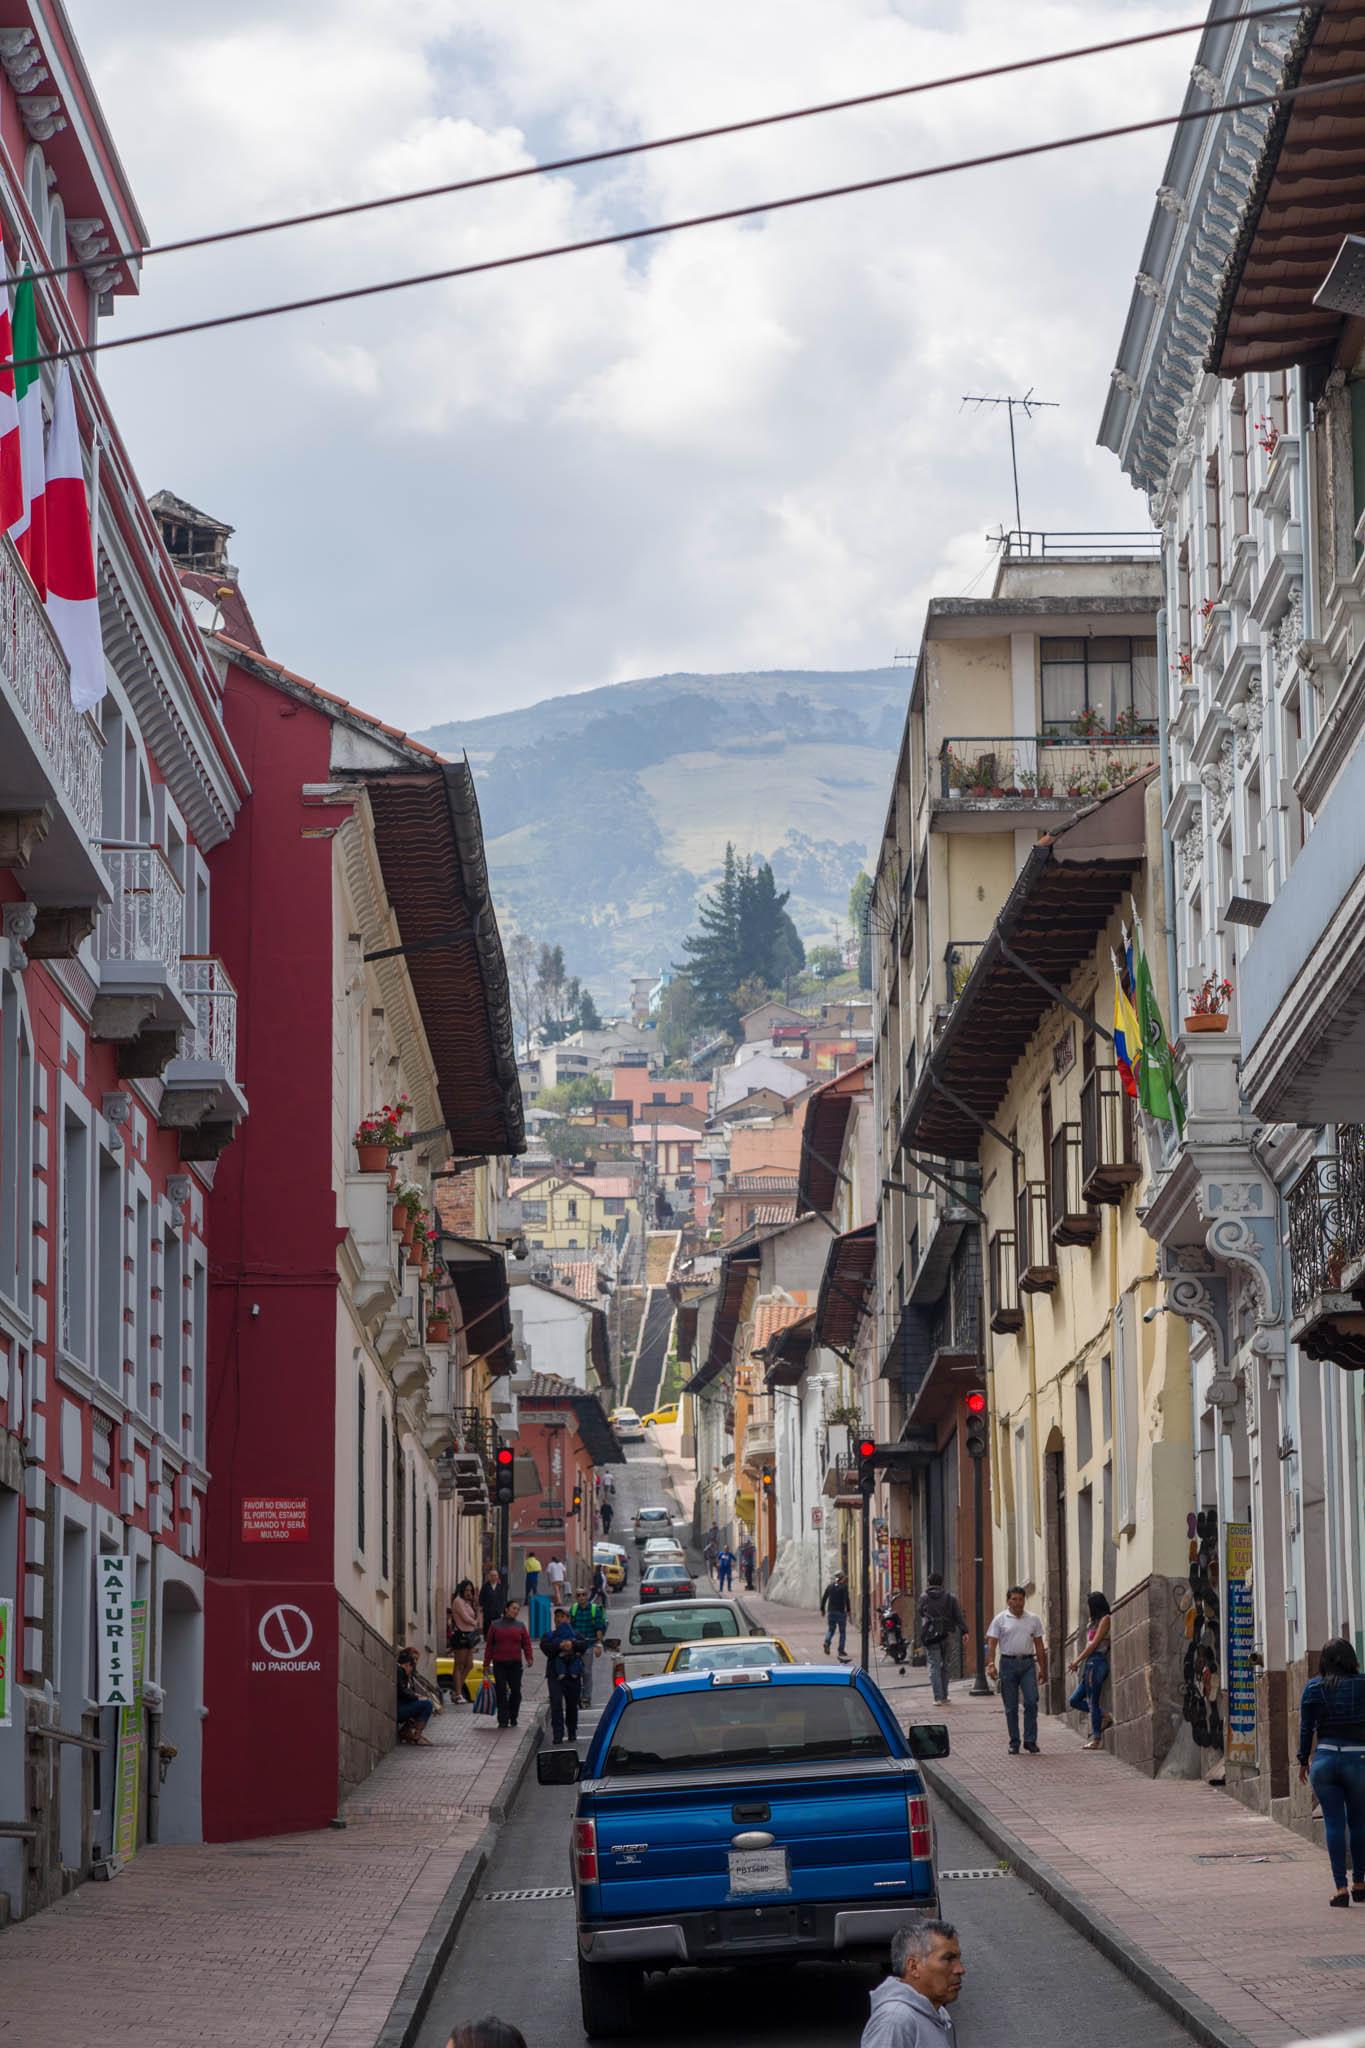 Quito Oct 2018